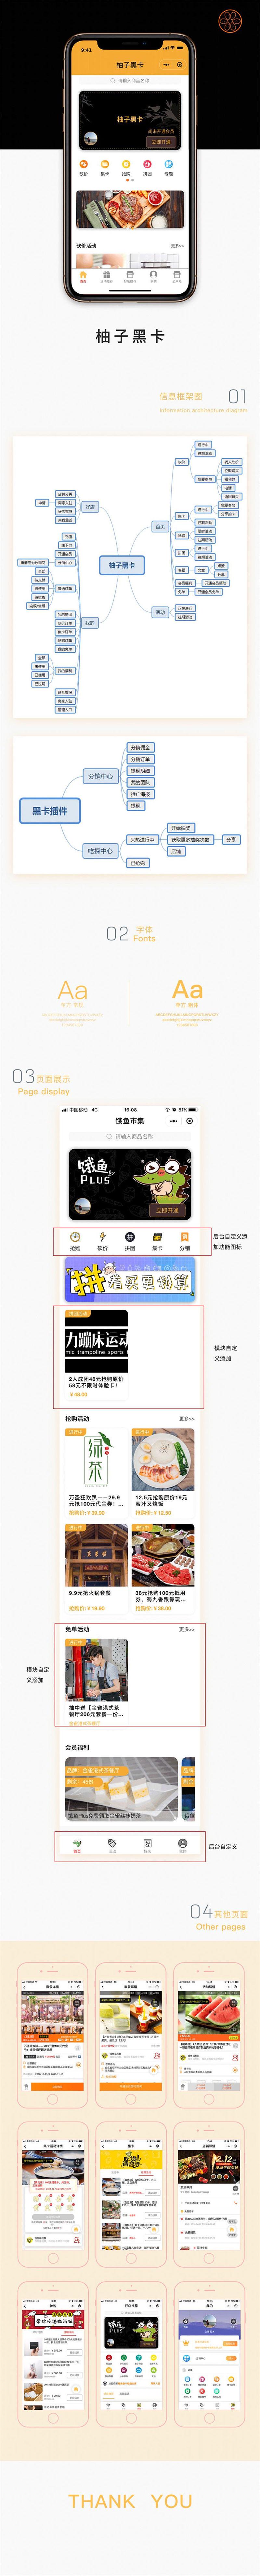 柚子黑卡多商家营销版小程序V4.1.3+全插件+前端